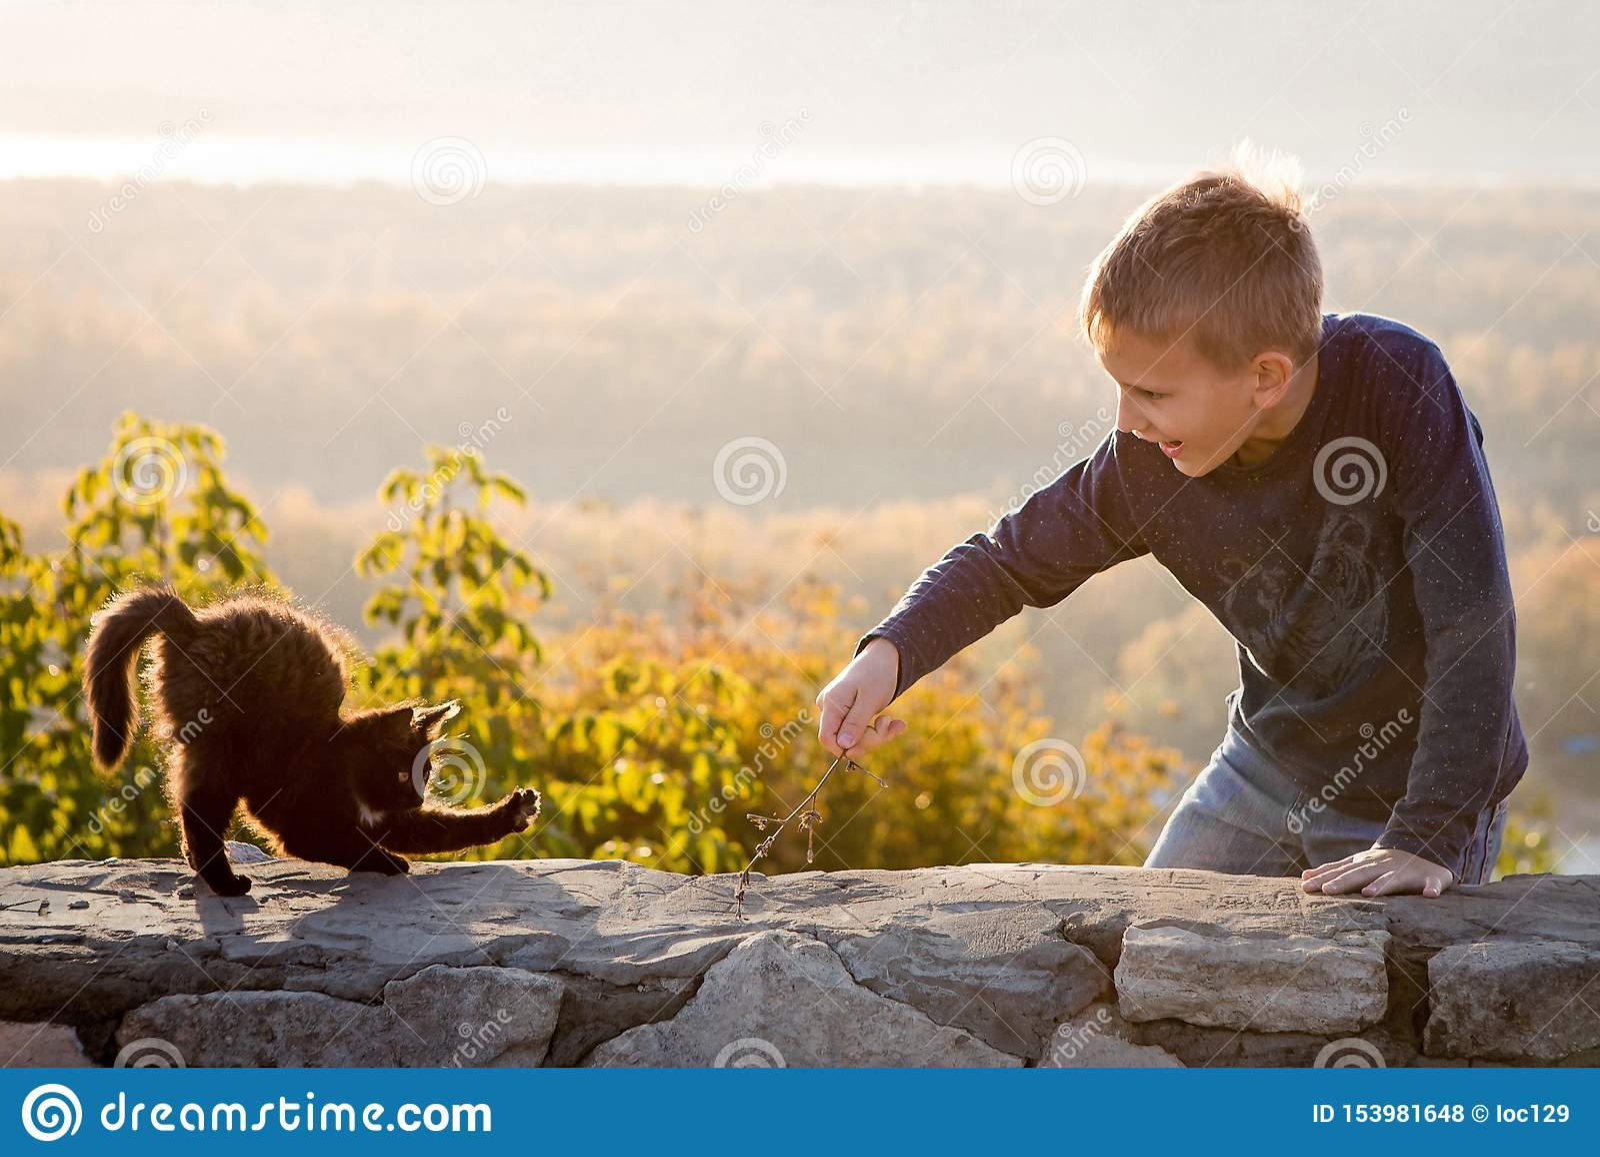 Παιδικά παιχνίδια με ένα γατάκι Φωτογραφία διασκέδασης Επικοινωνία με τα ζώα Χαρούμενο αγόρι Φωτεινή ημέρα φθινοπώρου Όμορφο τοπί